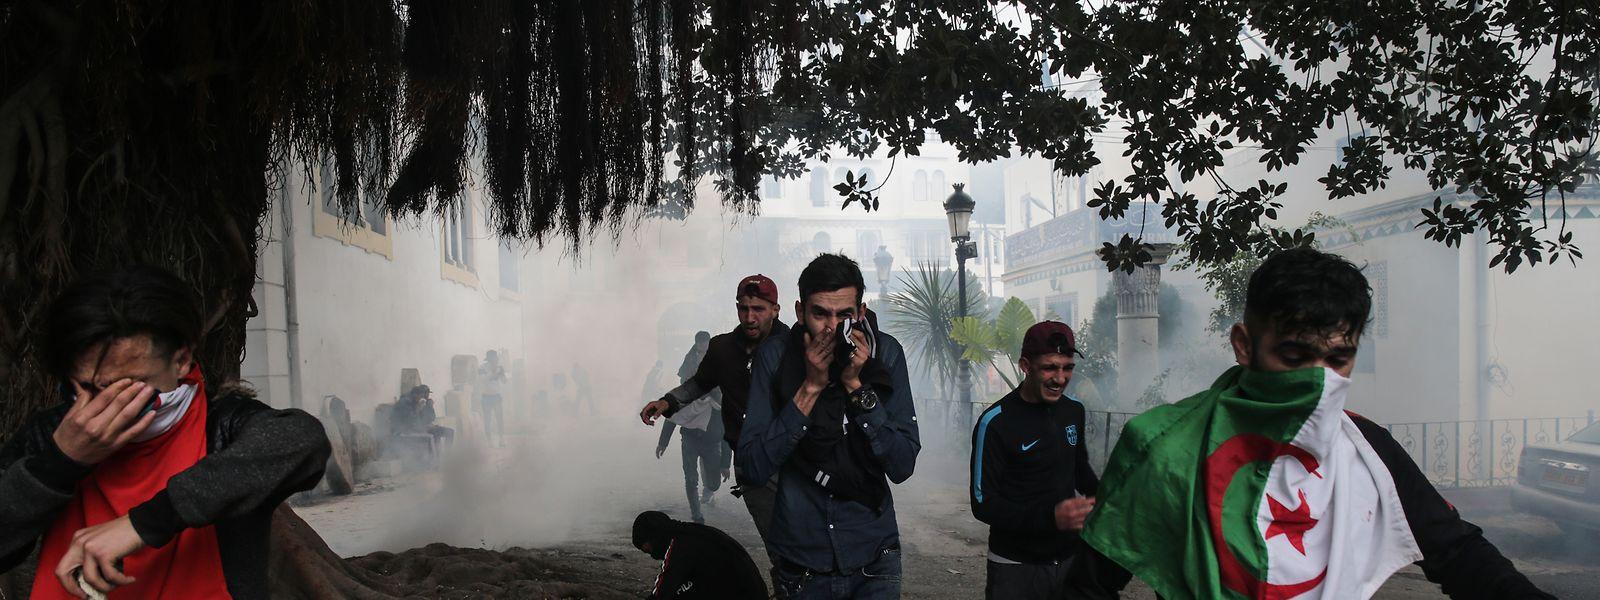 Demonstranten, die gegen den algerischen Präsidenten Abdelaziz Bouteflika demonstrieren, bedecken ihre Gesichter zum Schutz vor Tränengas.